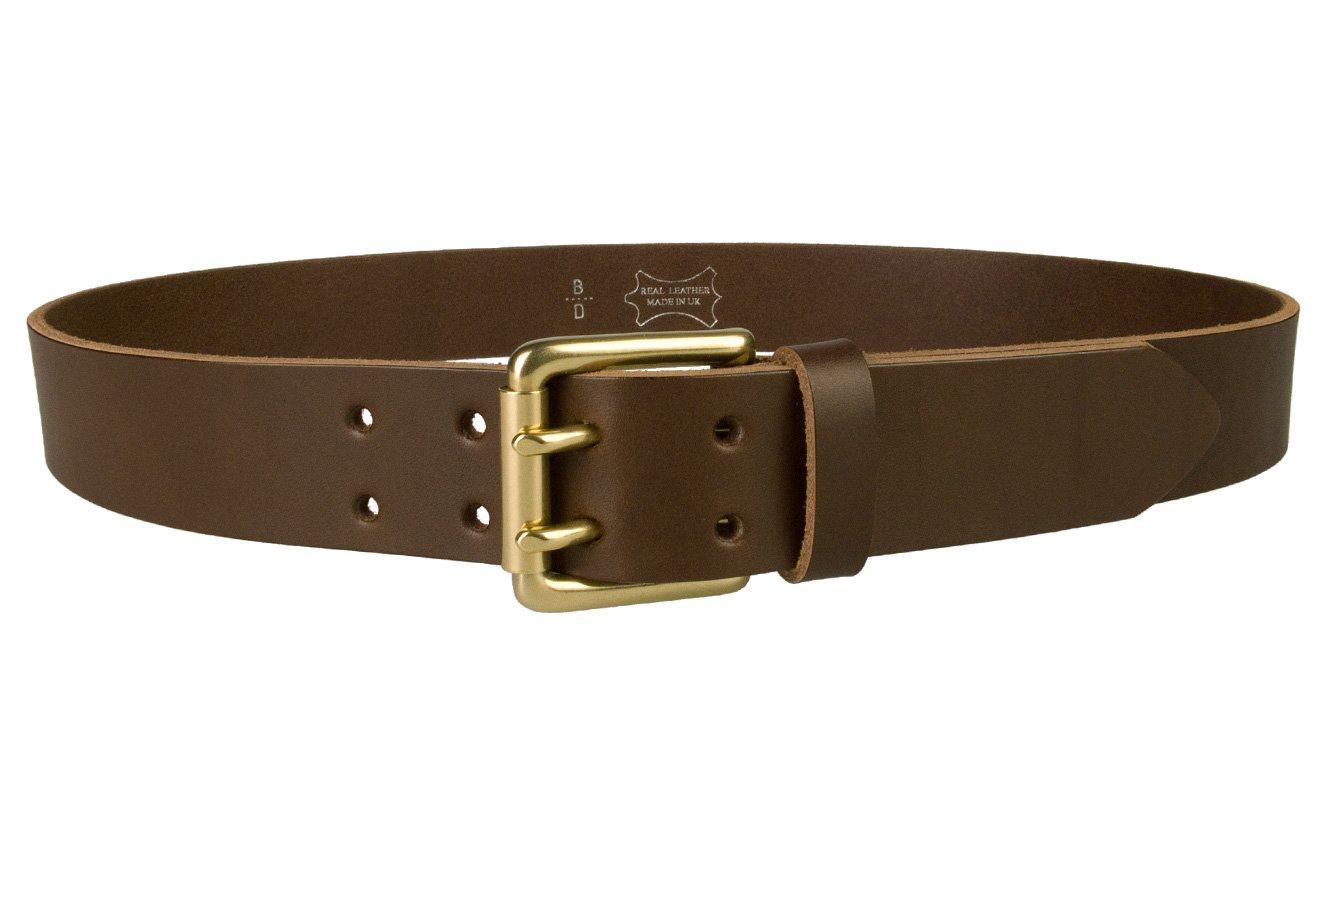 Belt Designs - Ceinture homme en cuir de qualite - doubles pointes - Boucle  en Laiton Massif - Fabrique au Royaume-Uni ... dc9f5a8e011